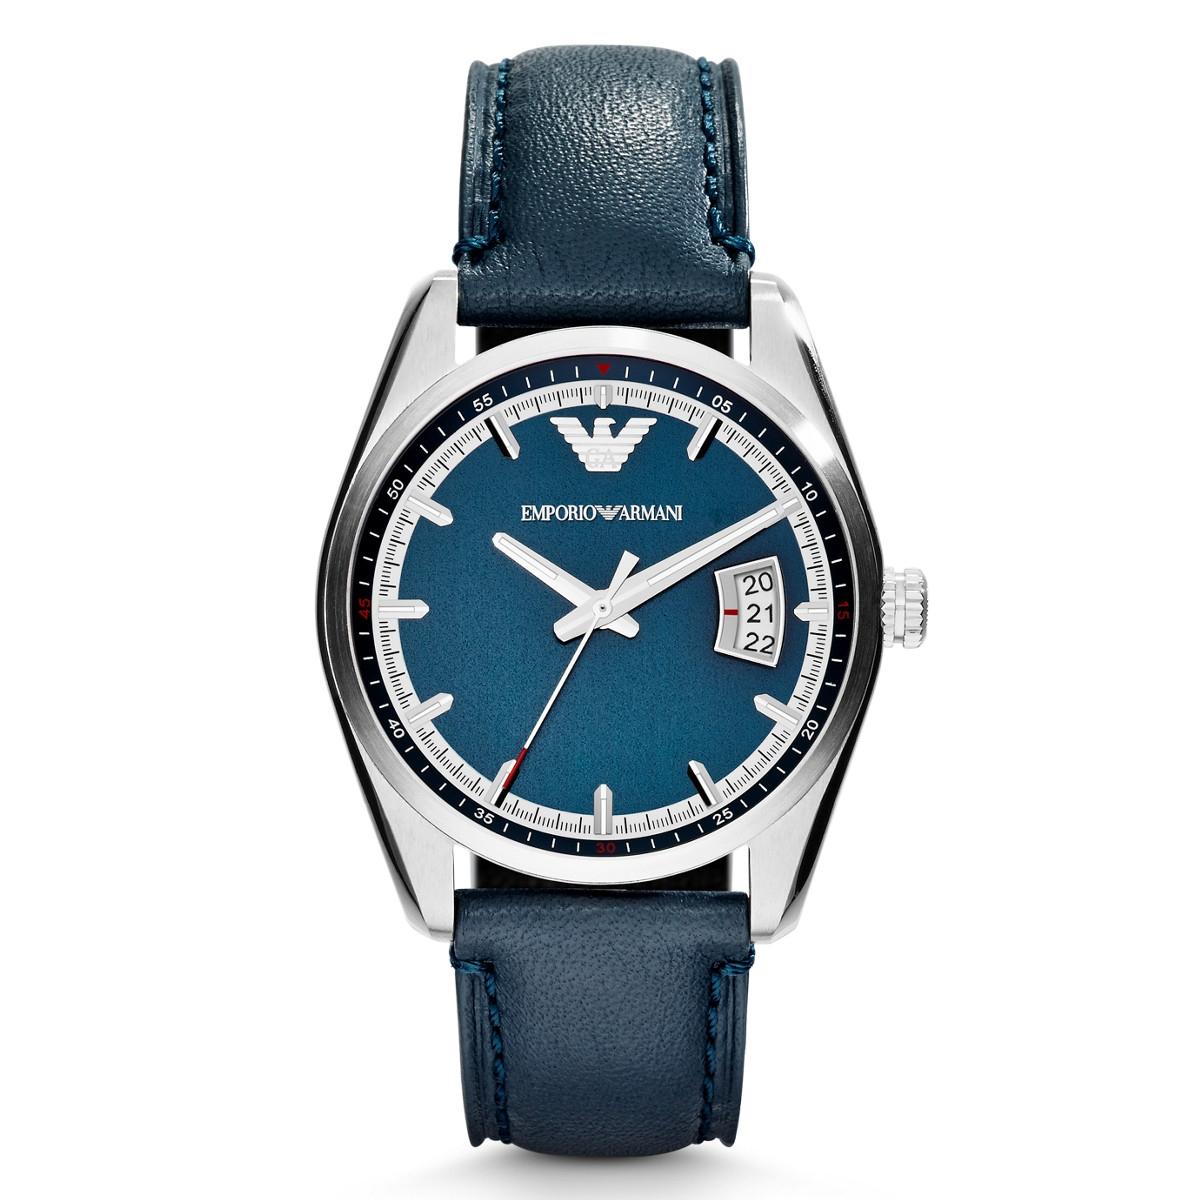 рекомендациям, содержимое emporio armani официальный часы парфюма